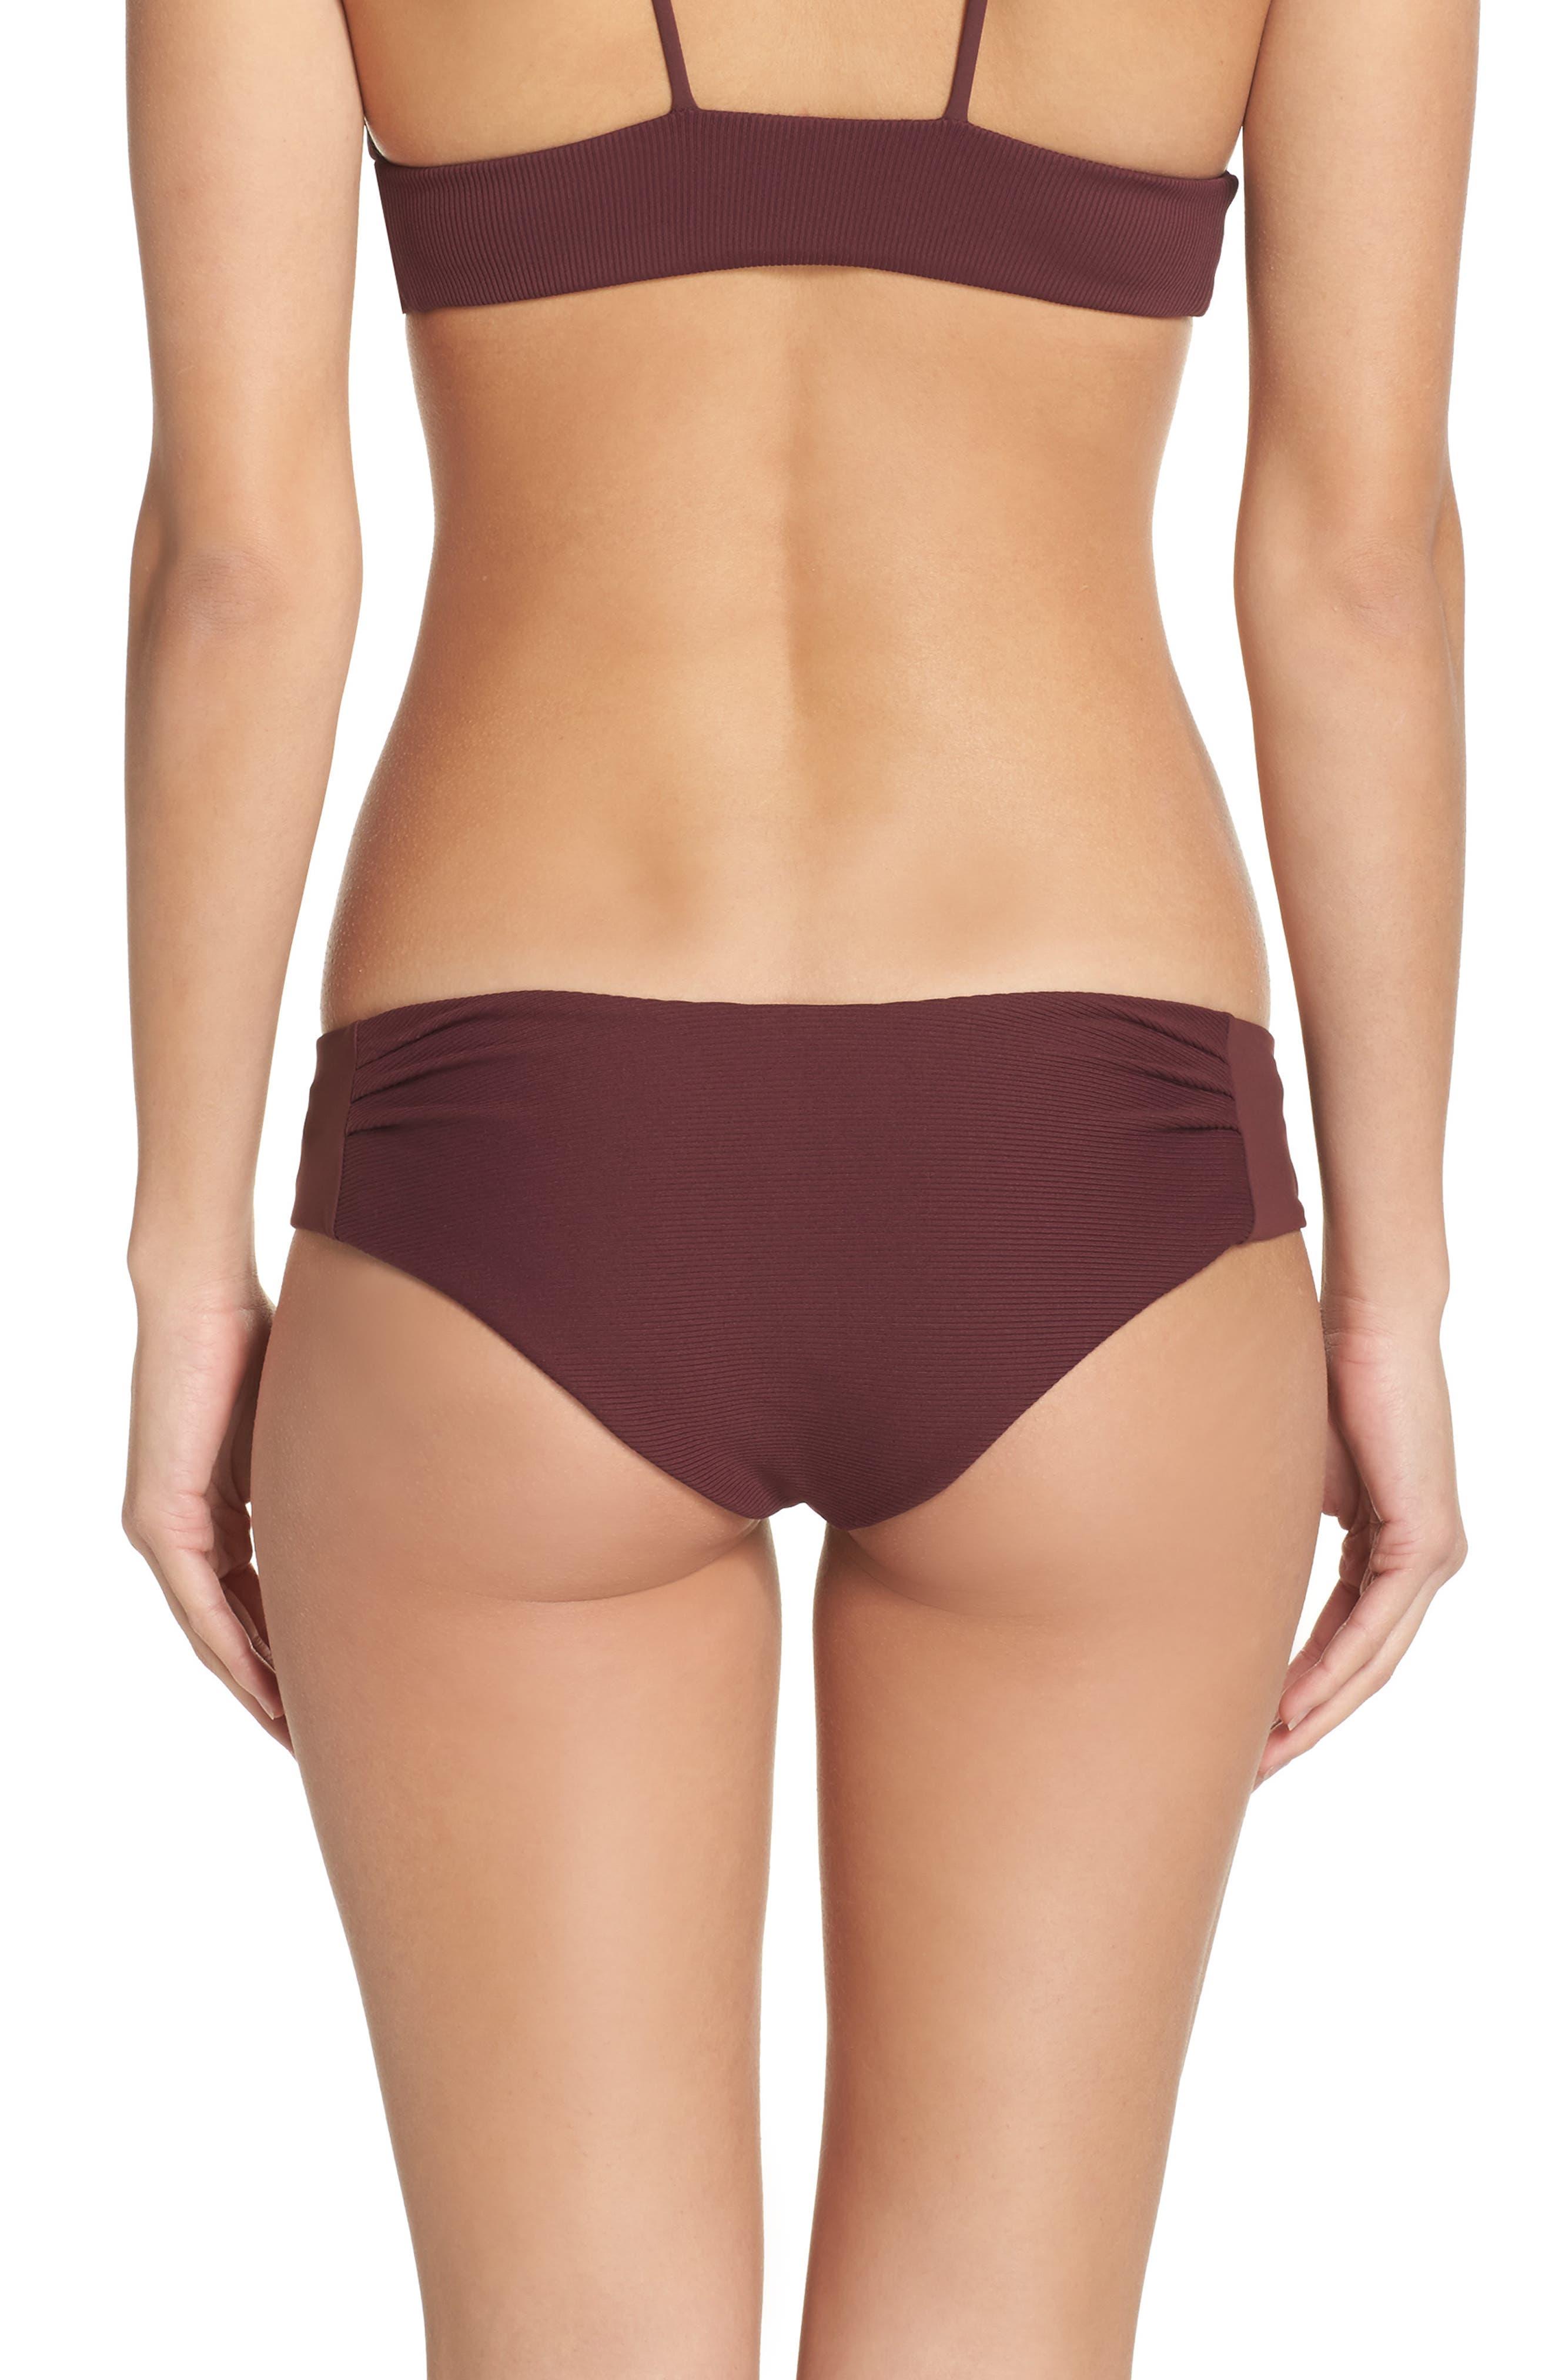 Yaya the Yuppy Bikini Bottoms,                             Alternate thumbnail 2, color,                             Burgundy